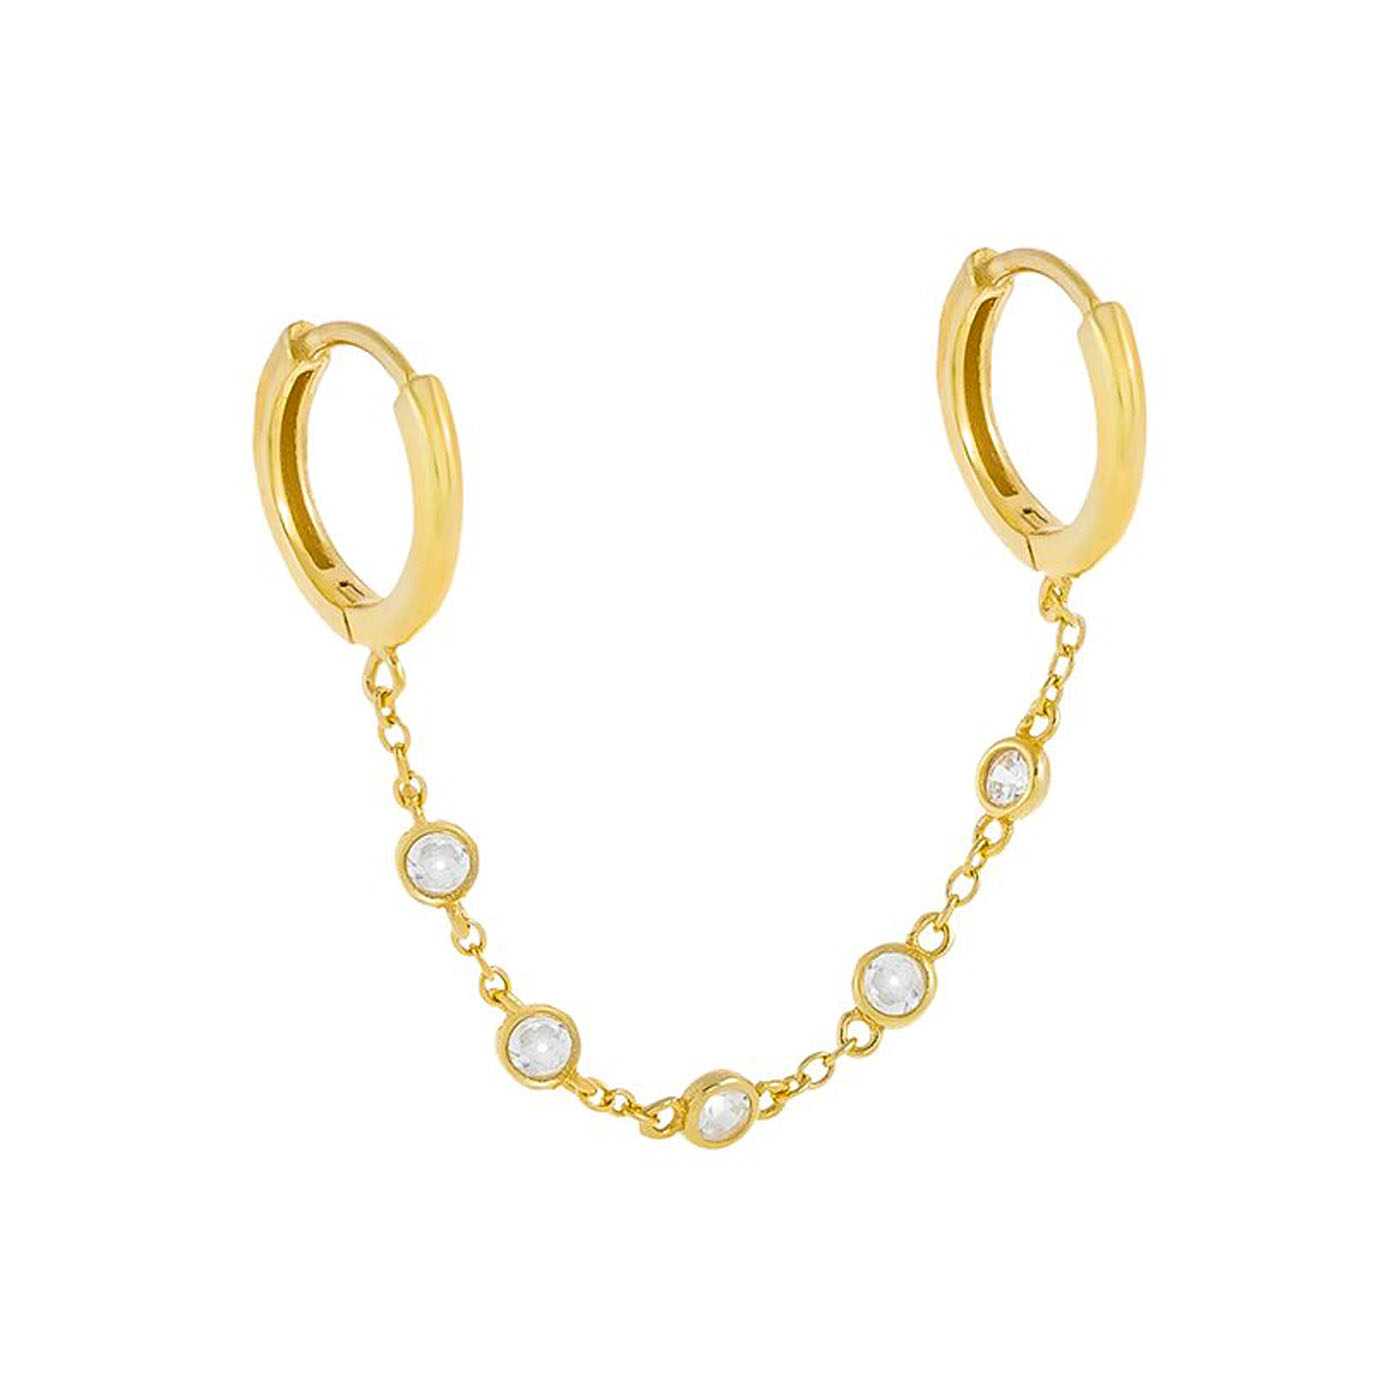 double boucle d'oreille chaine gold